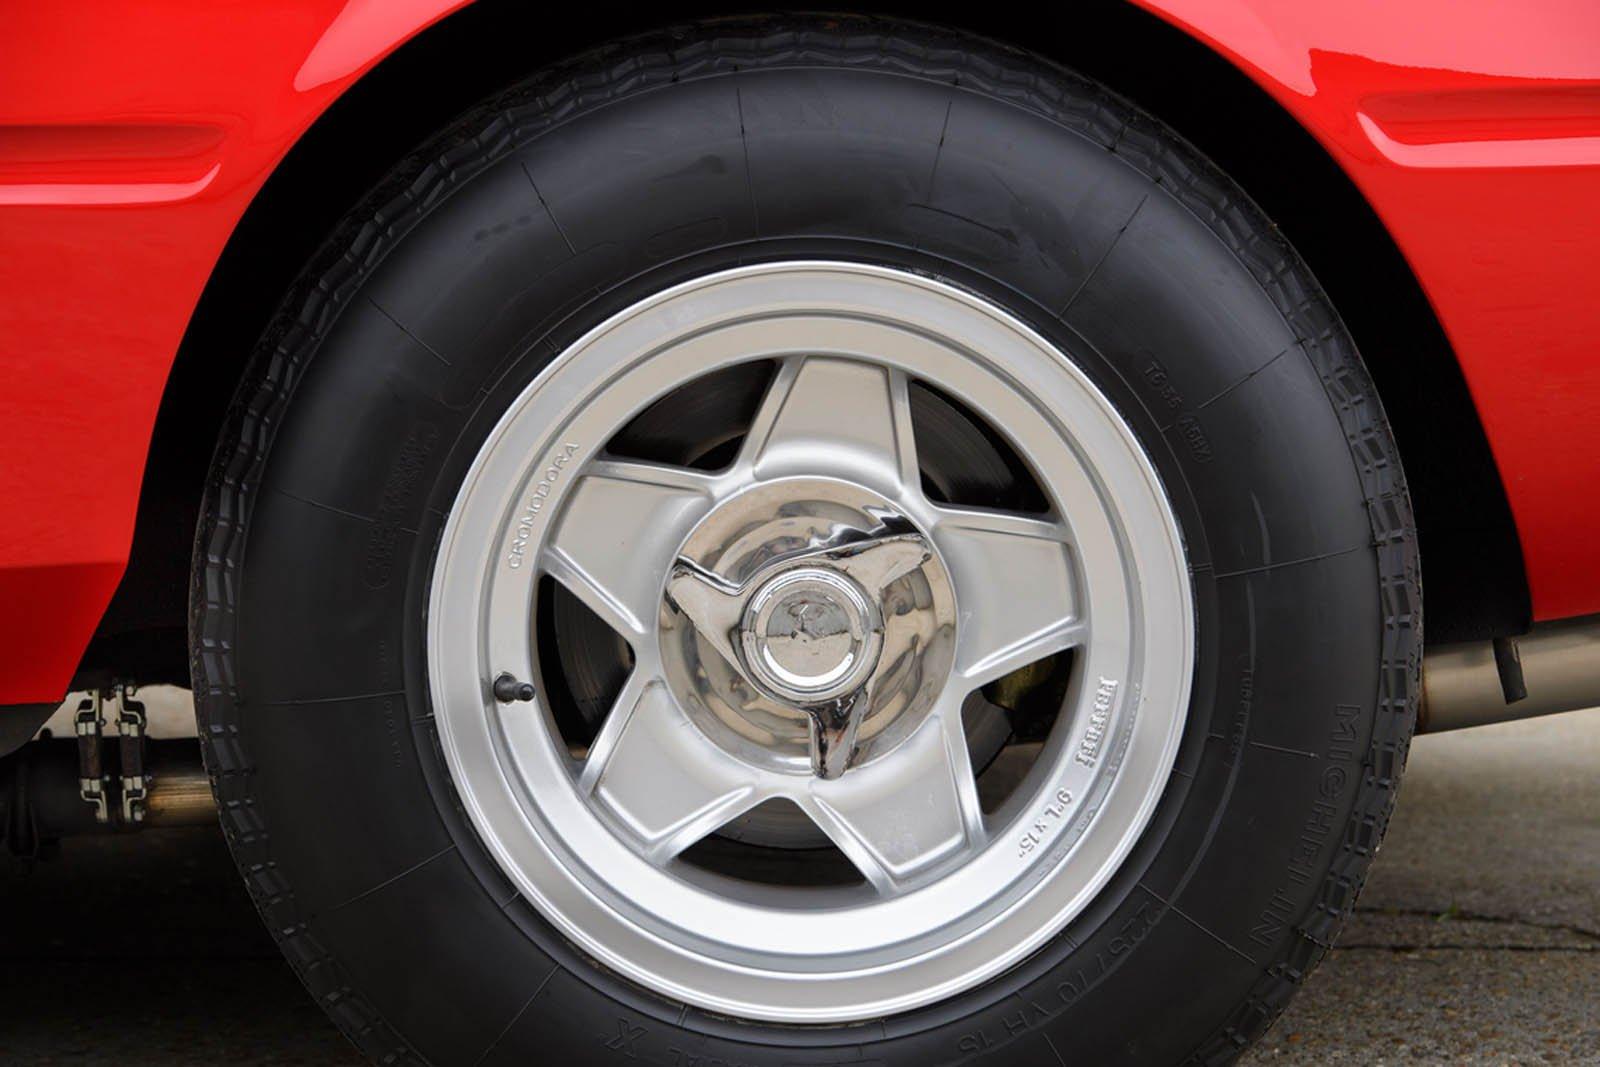 Ferrari-365-GTB4-Daytona-ex-Elton-John-5